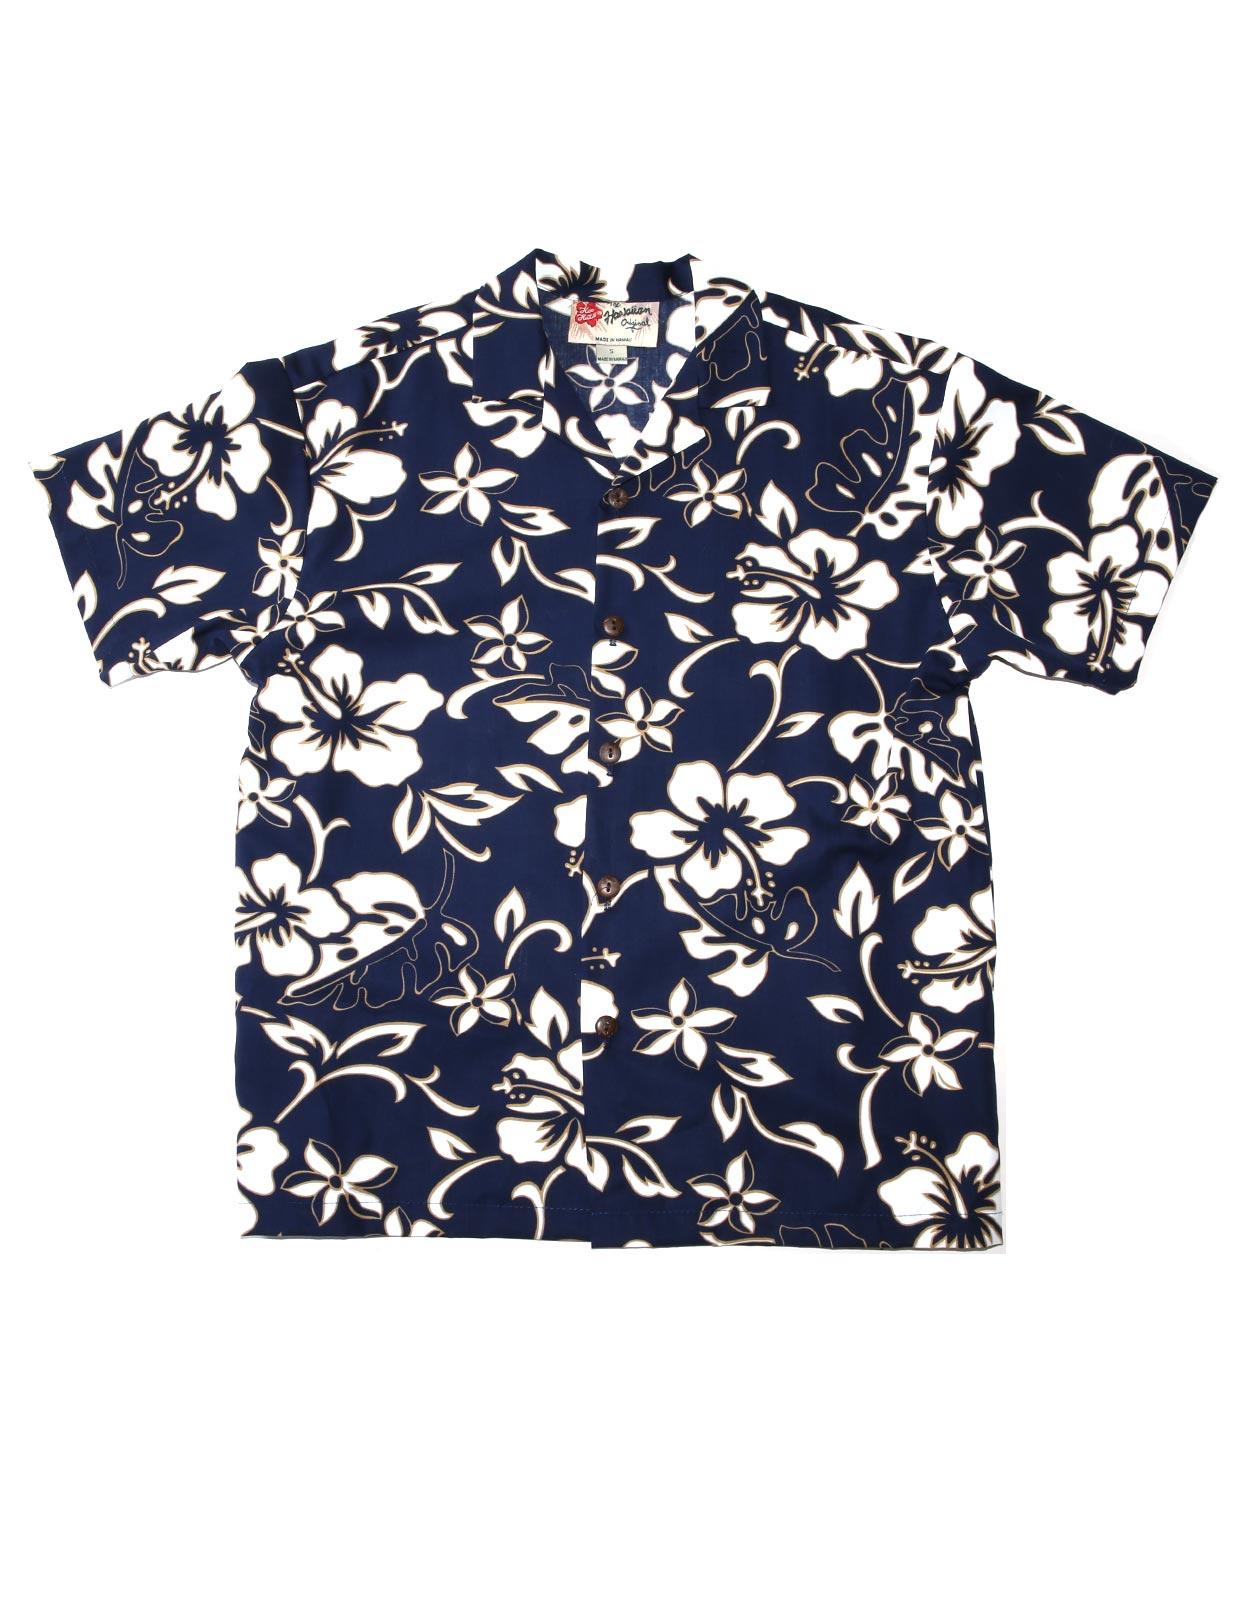 White Hibiscus Classic Cotton Hawaiian Shirt Short Sleeves